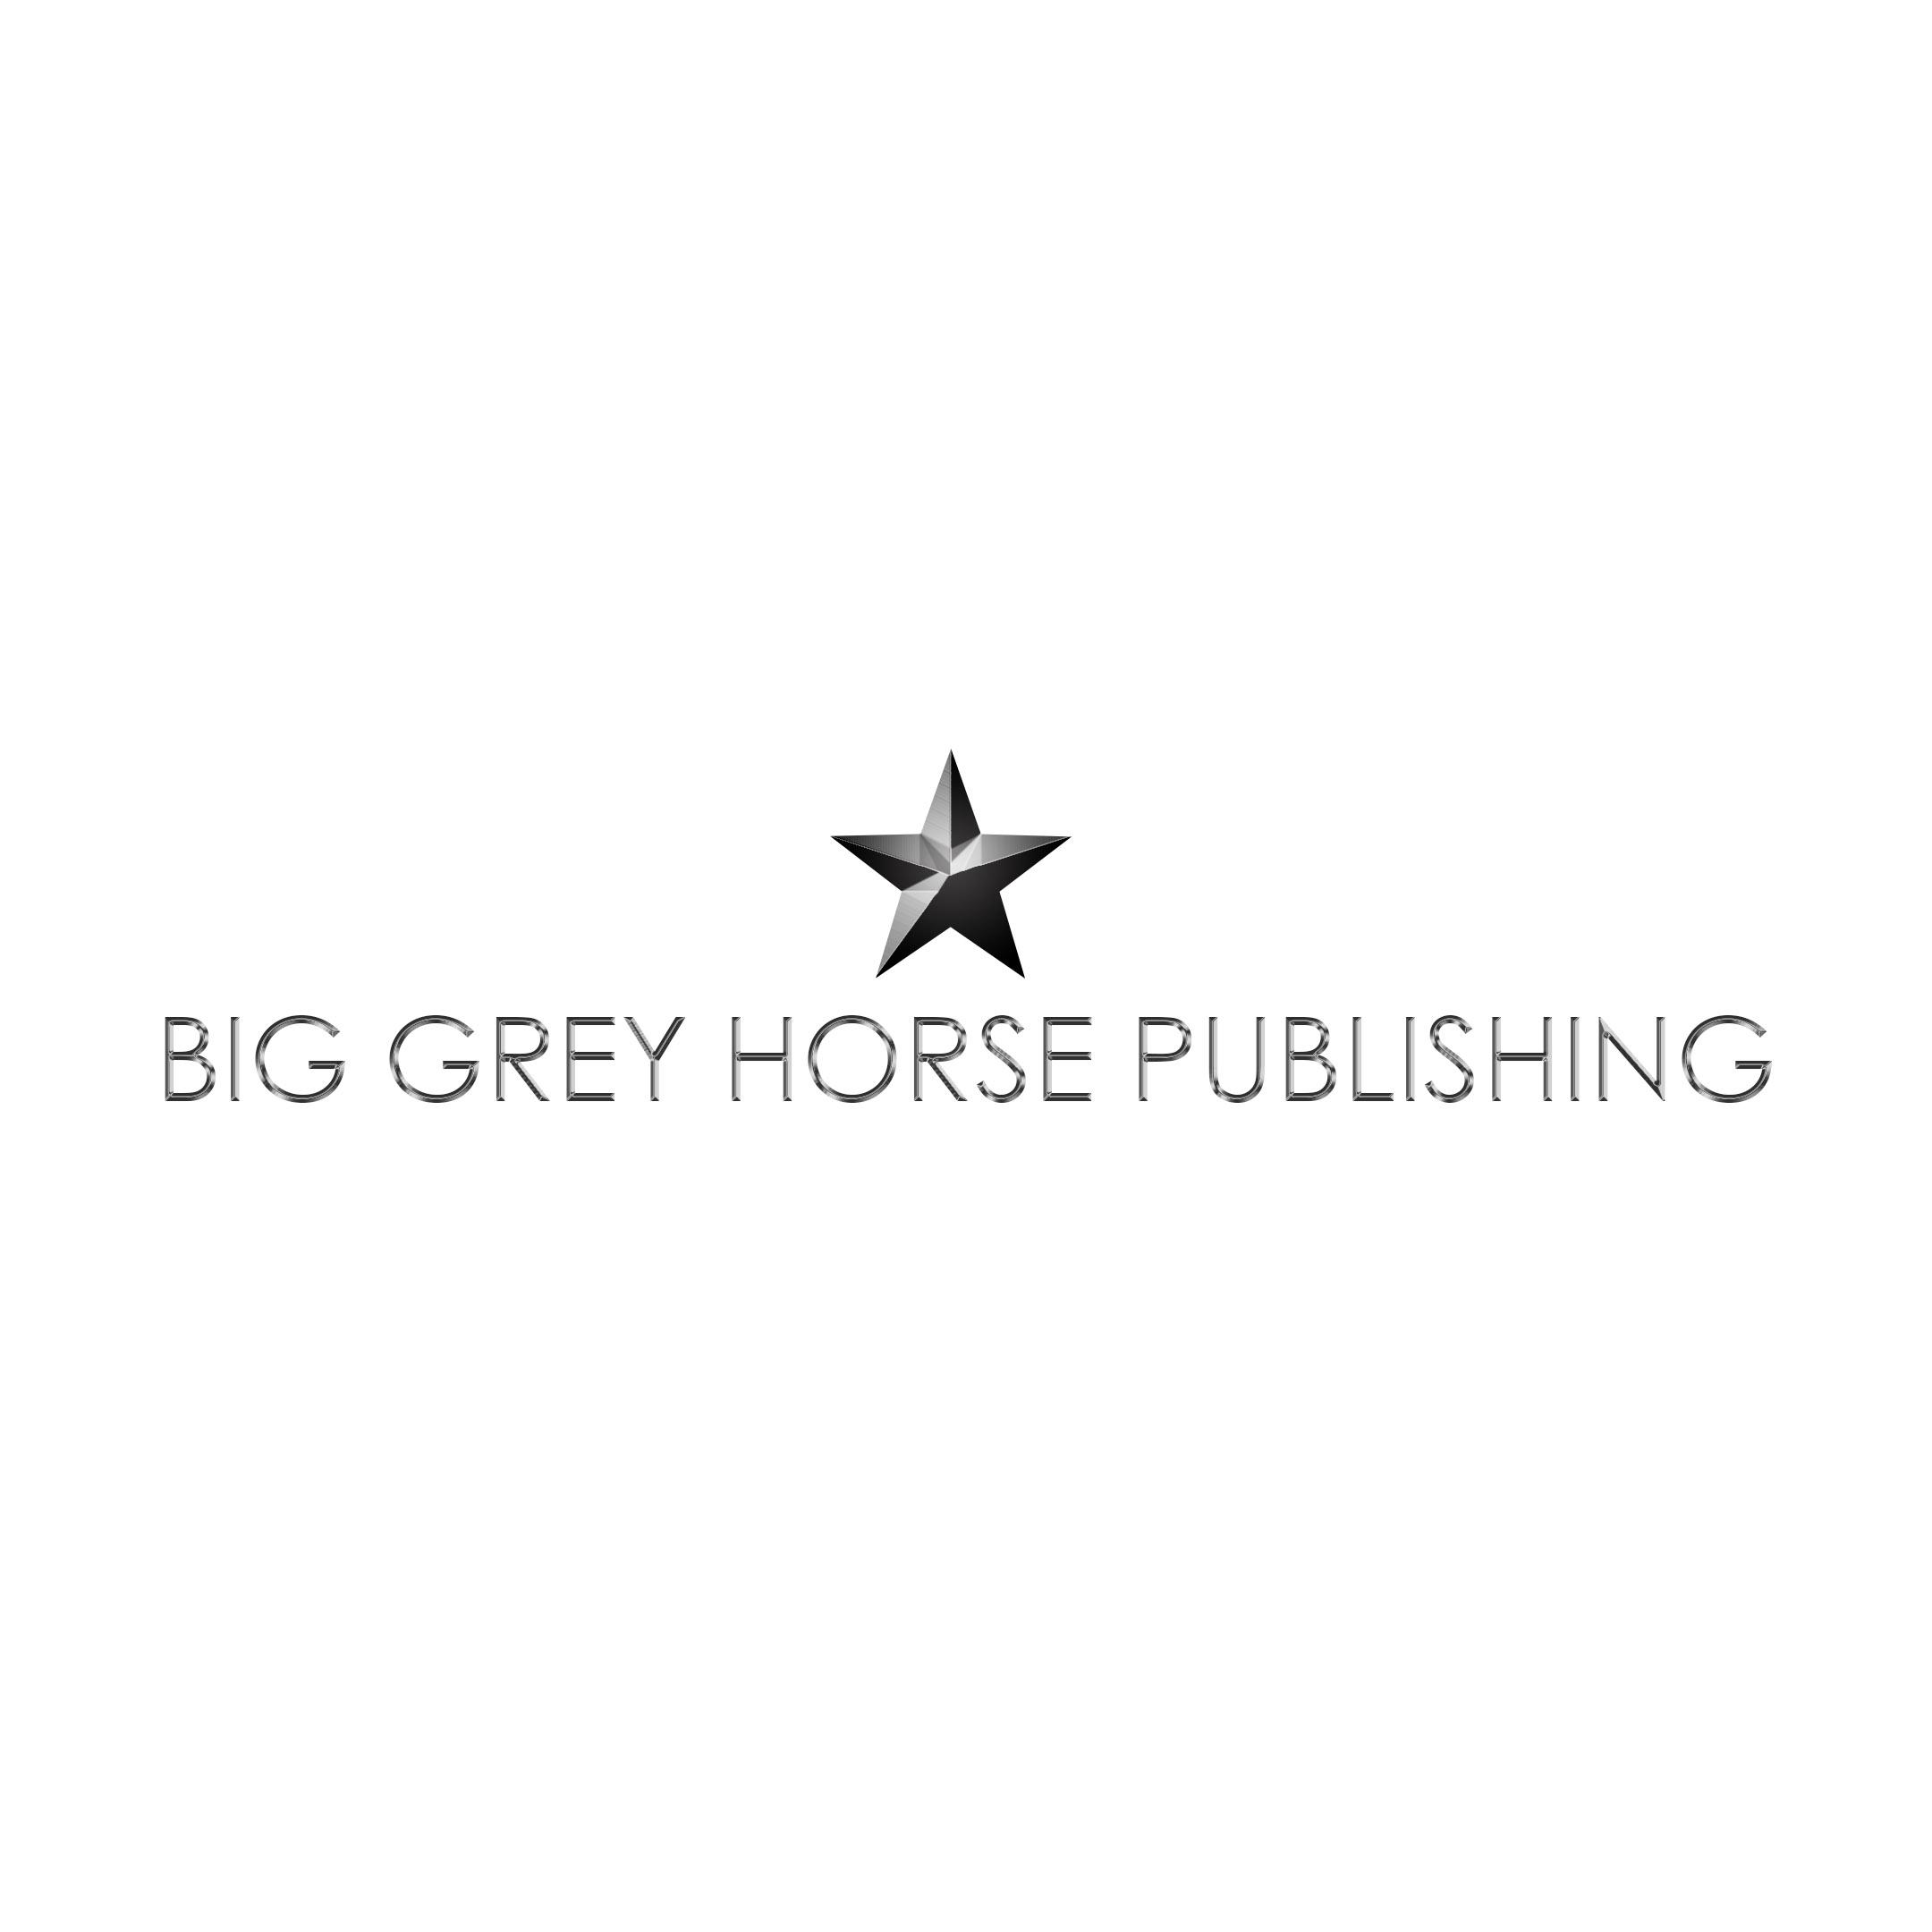 Big Grey Horse Publishing